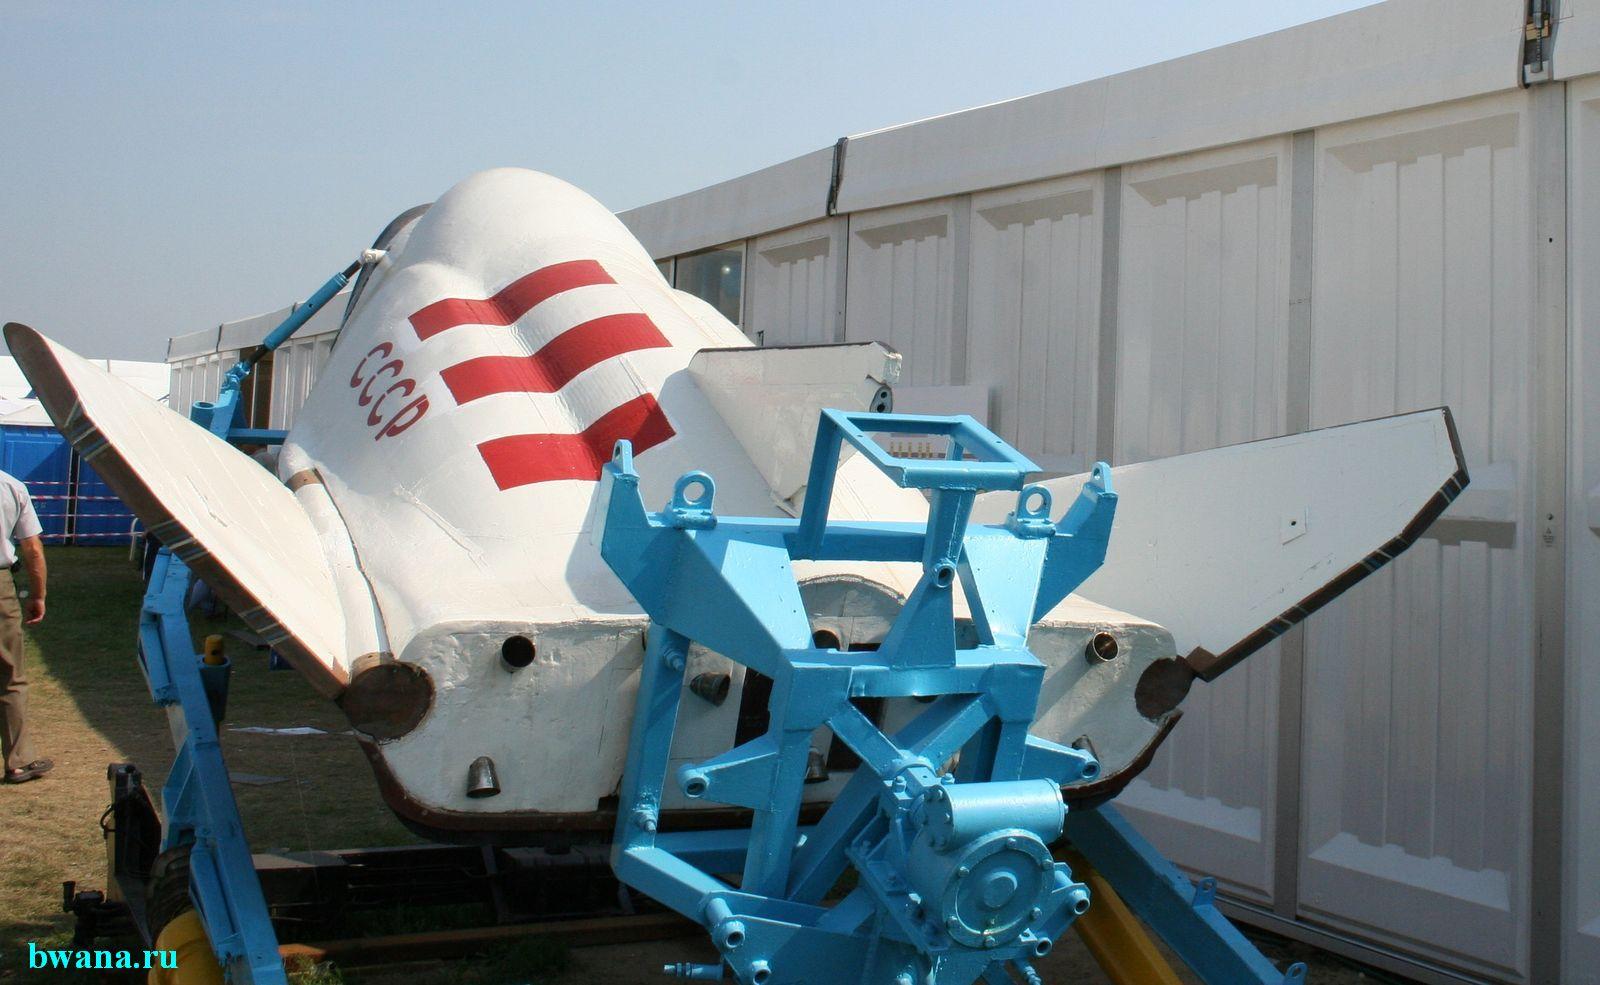 Многоразовые космические корабли - 12